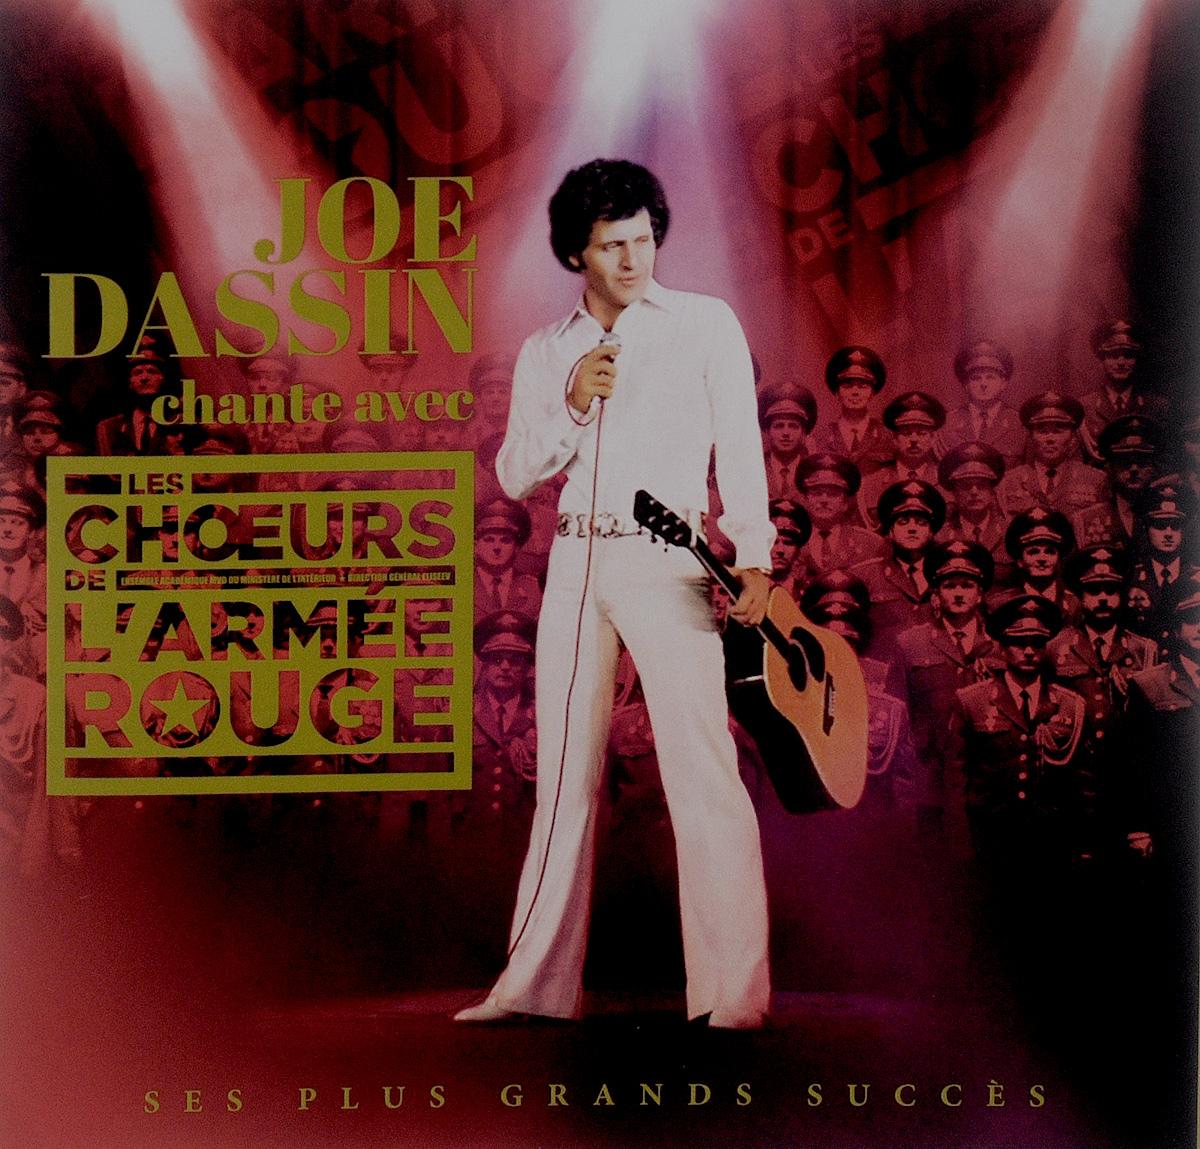 Издание содержит 8-страничный буклет с фотографиями и дополнительной информацией на французском языке.